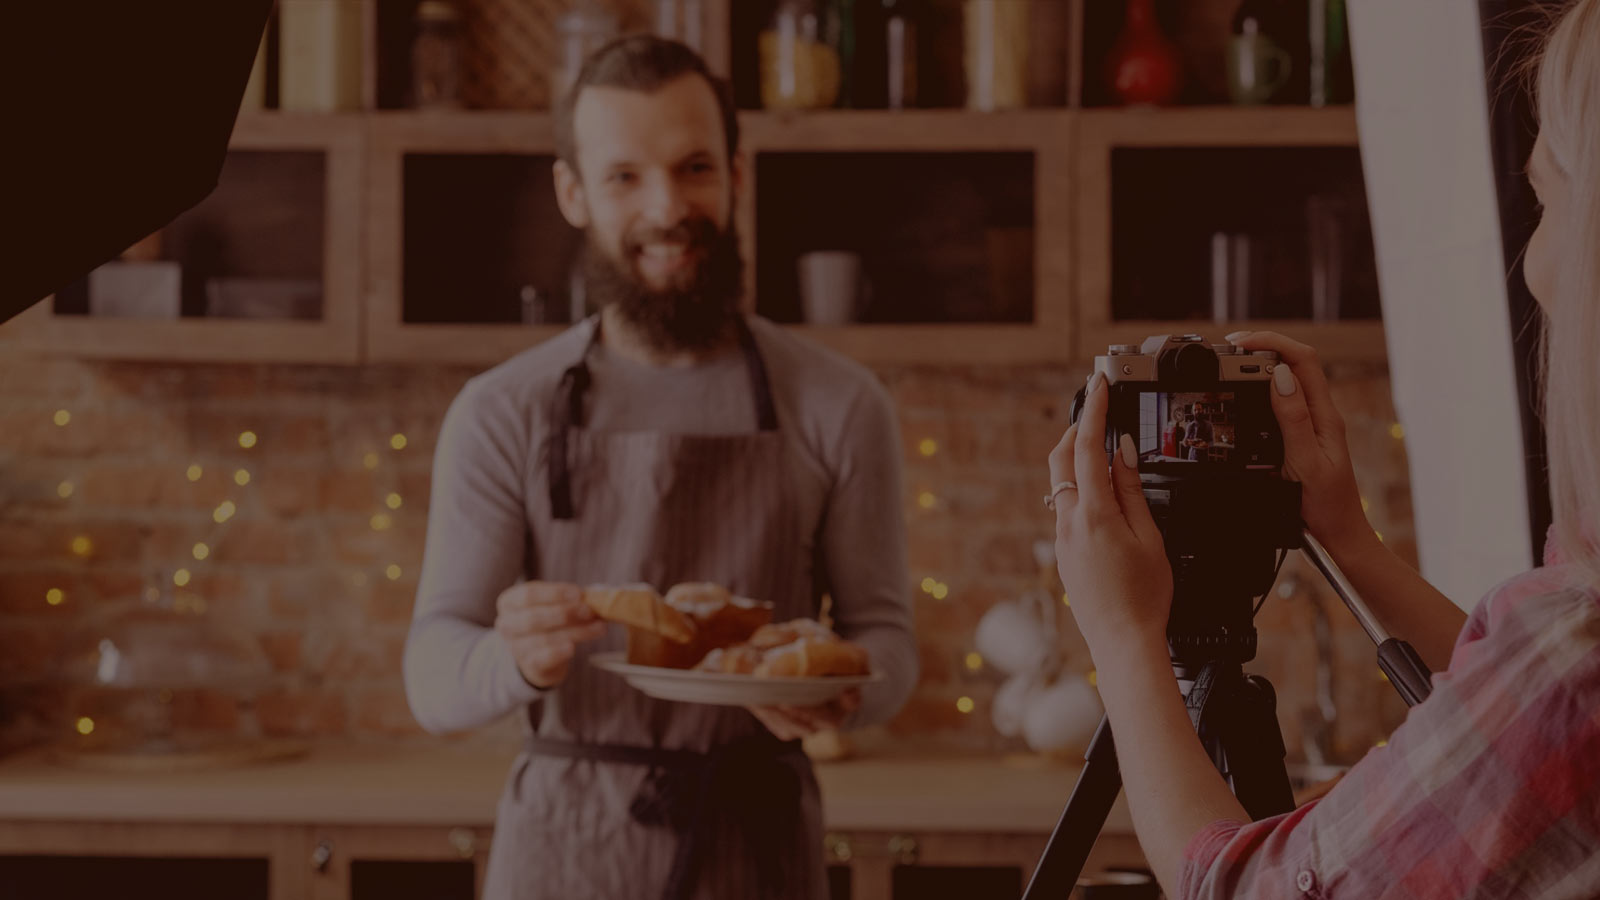 5 ideias de conteúdo em vídeo para inspirar o marketing da sua empresa